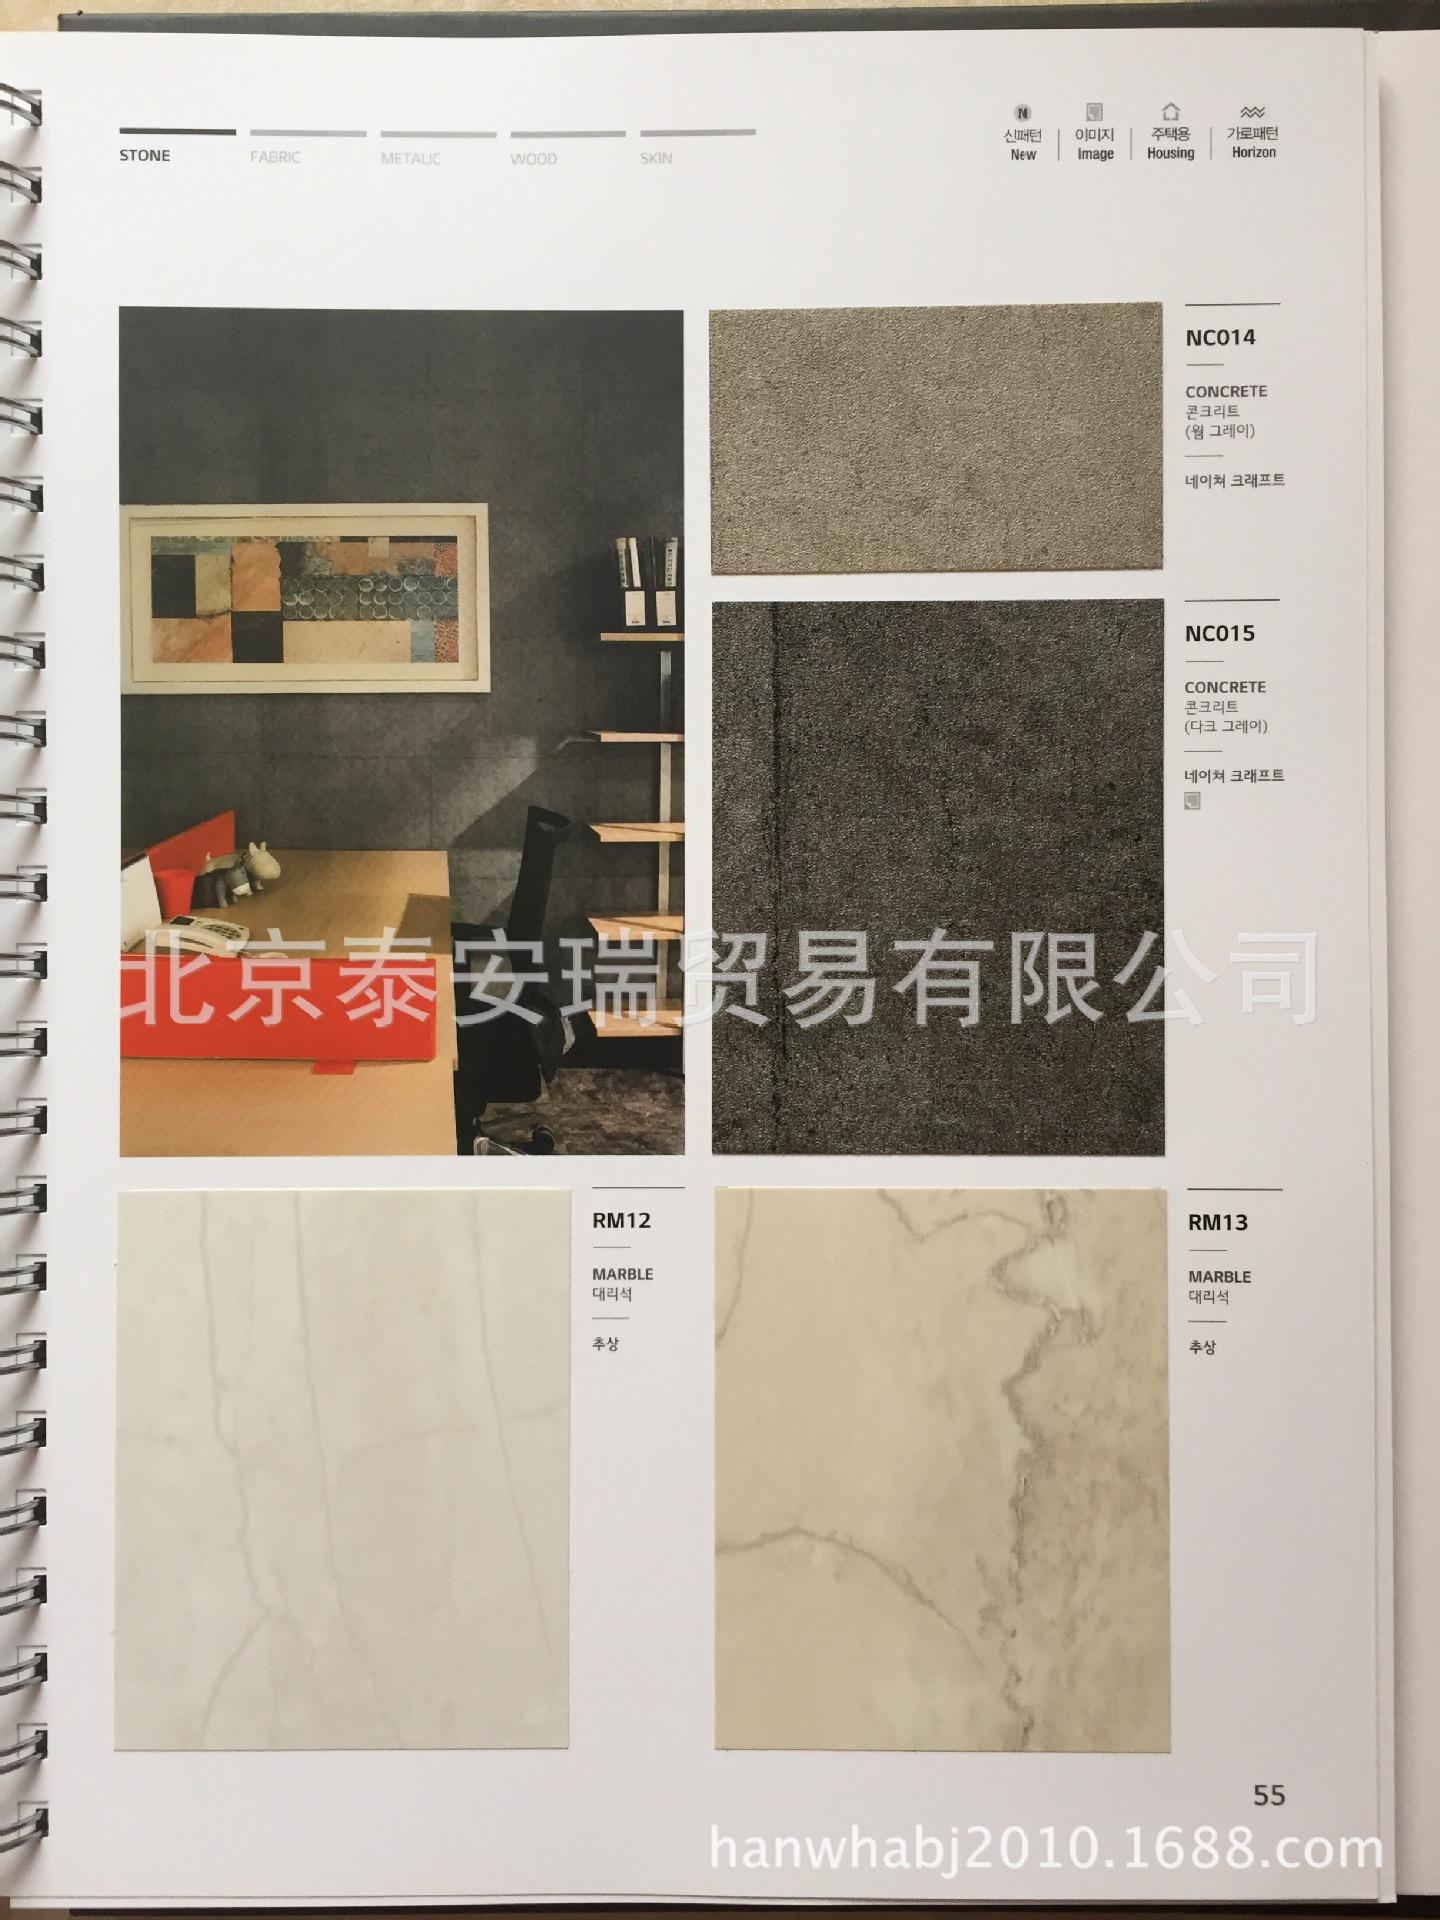 室内装饰贴膜 韩国lg装饰贴膜波音室内装饰贴膜 抽象花纹 阿里巴巴图片